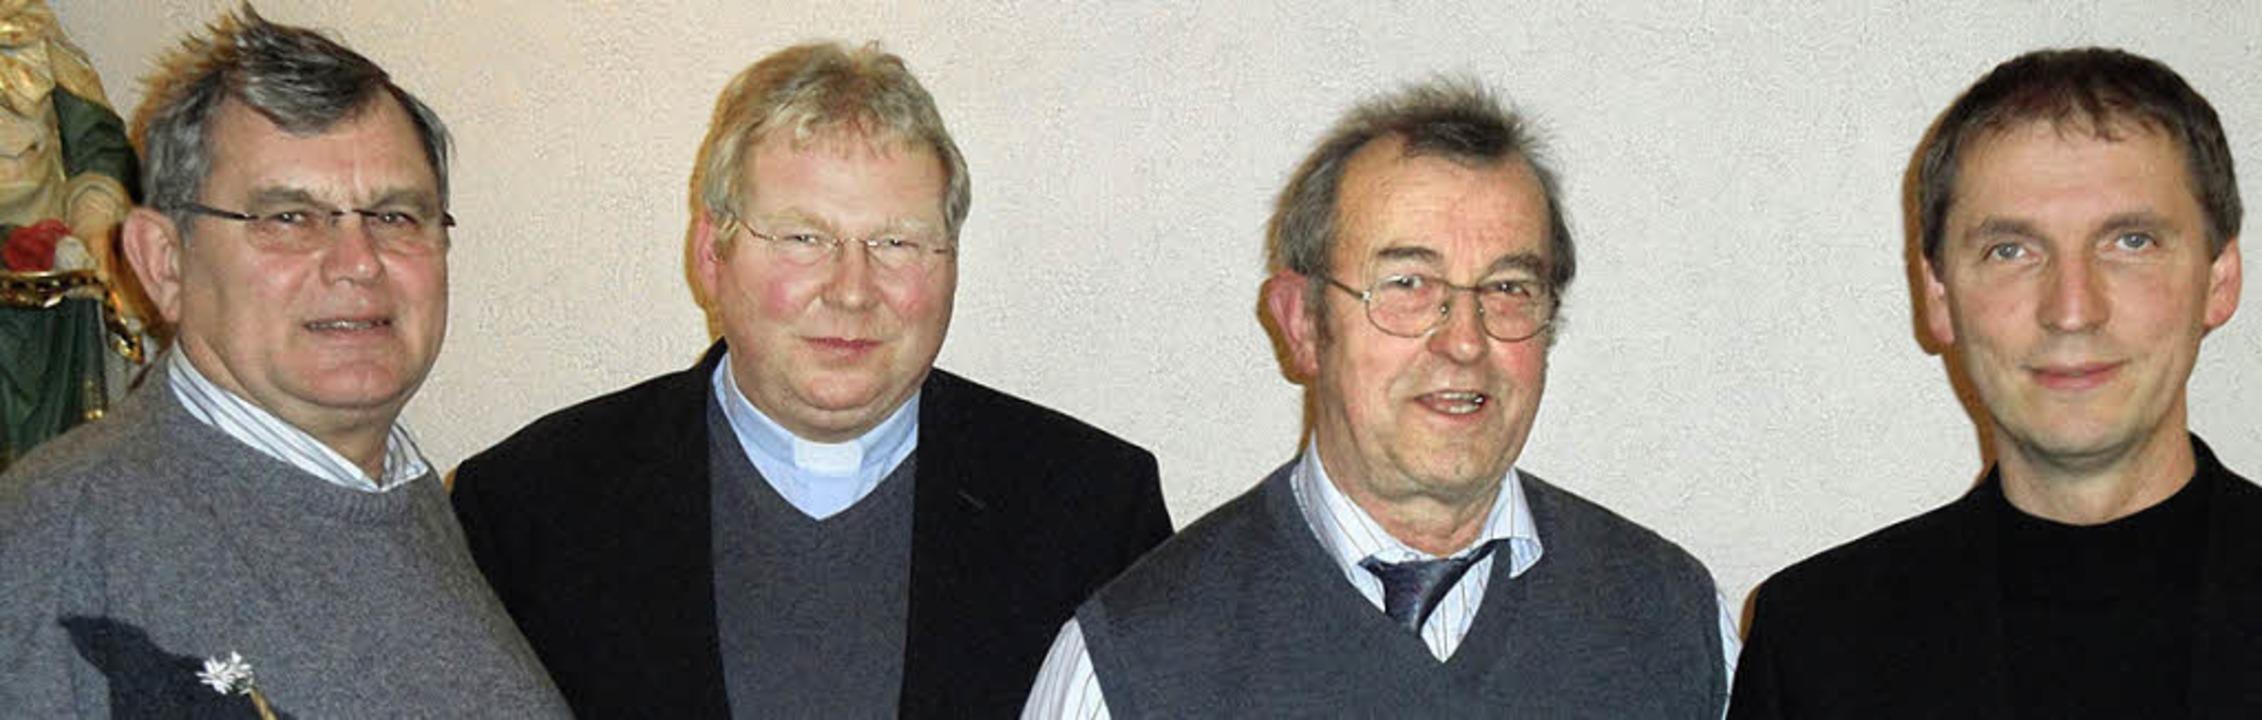 Stadtpfarrer Matthias Kirner (Zweiter ...ks), Manfred Henle und Michael Donkel     Foto: Hansjörg Bader